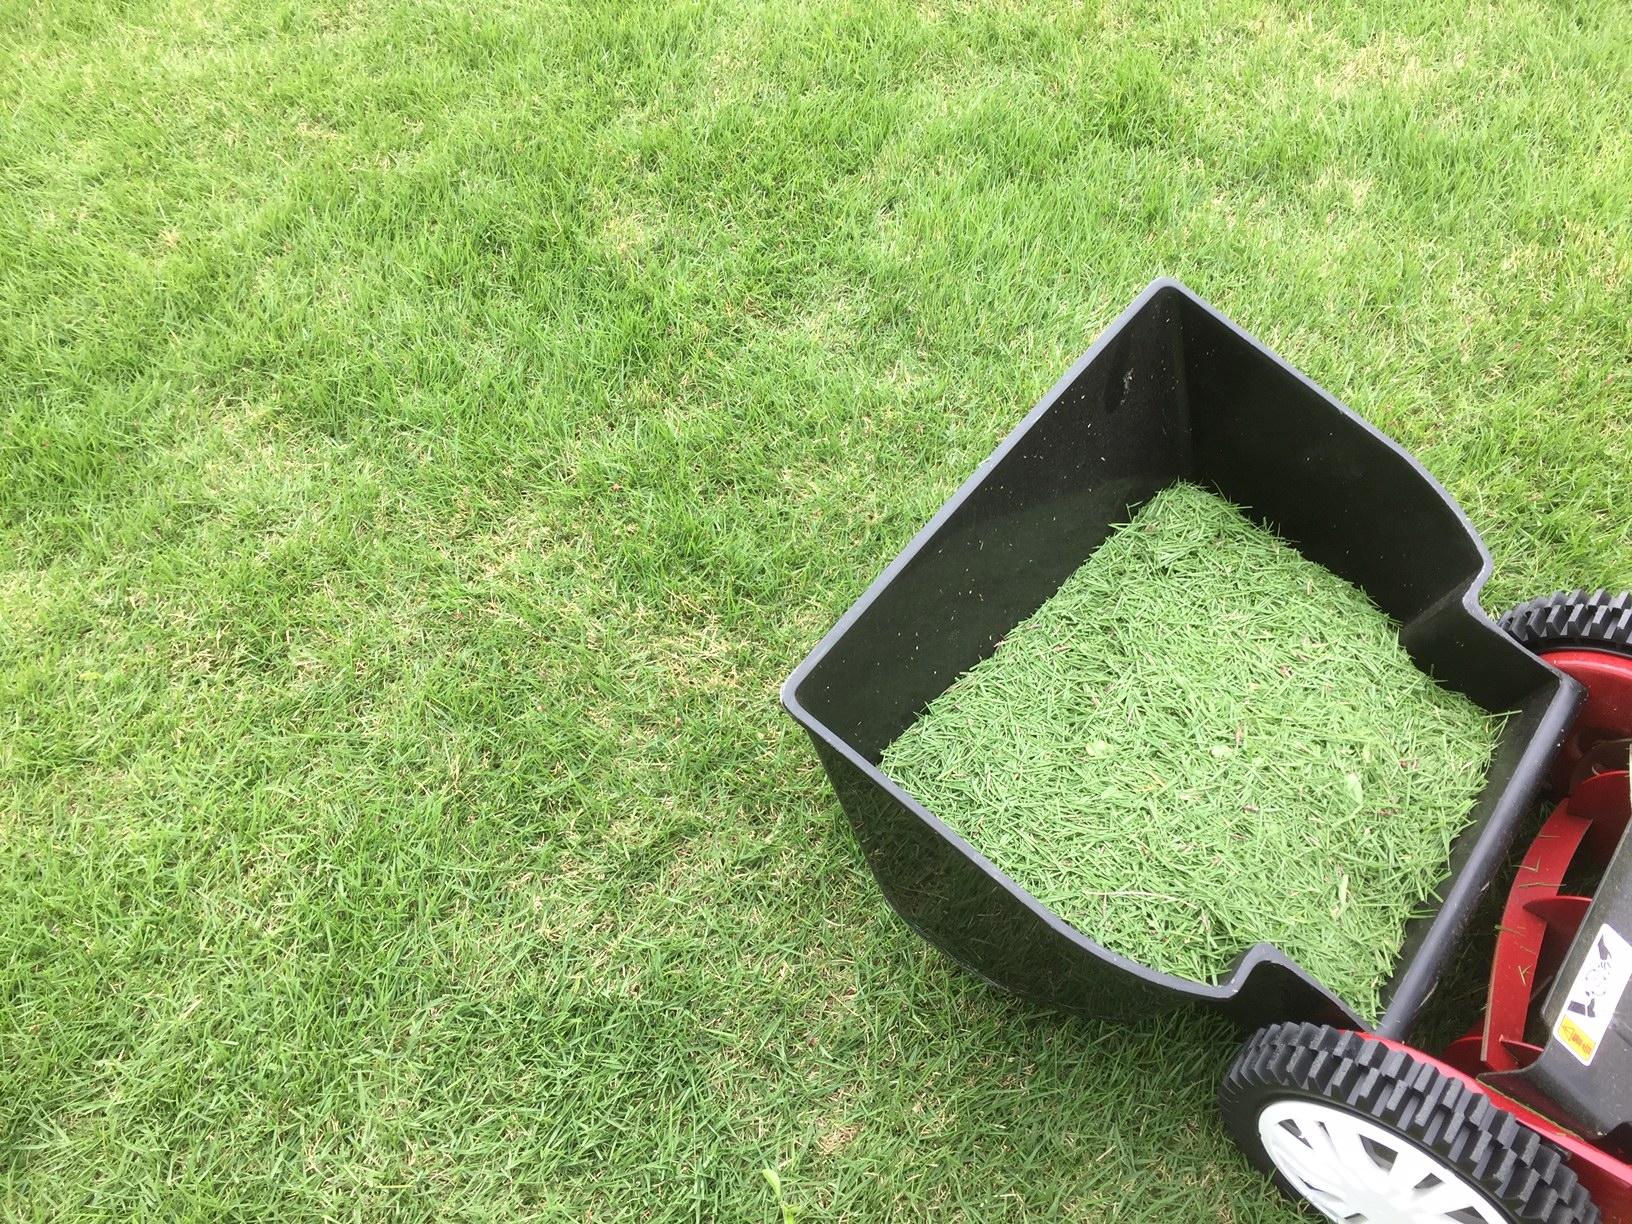 2019.05.09 芝生の状況(芝刈り・目土)